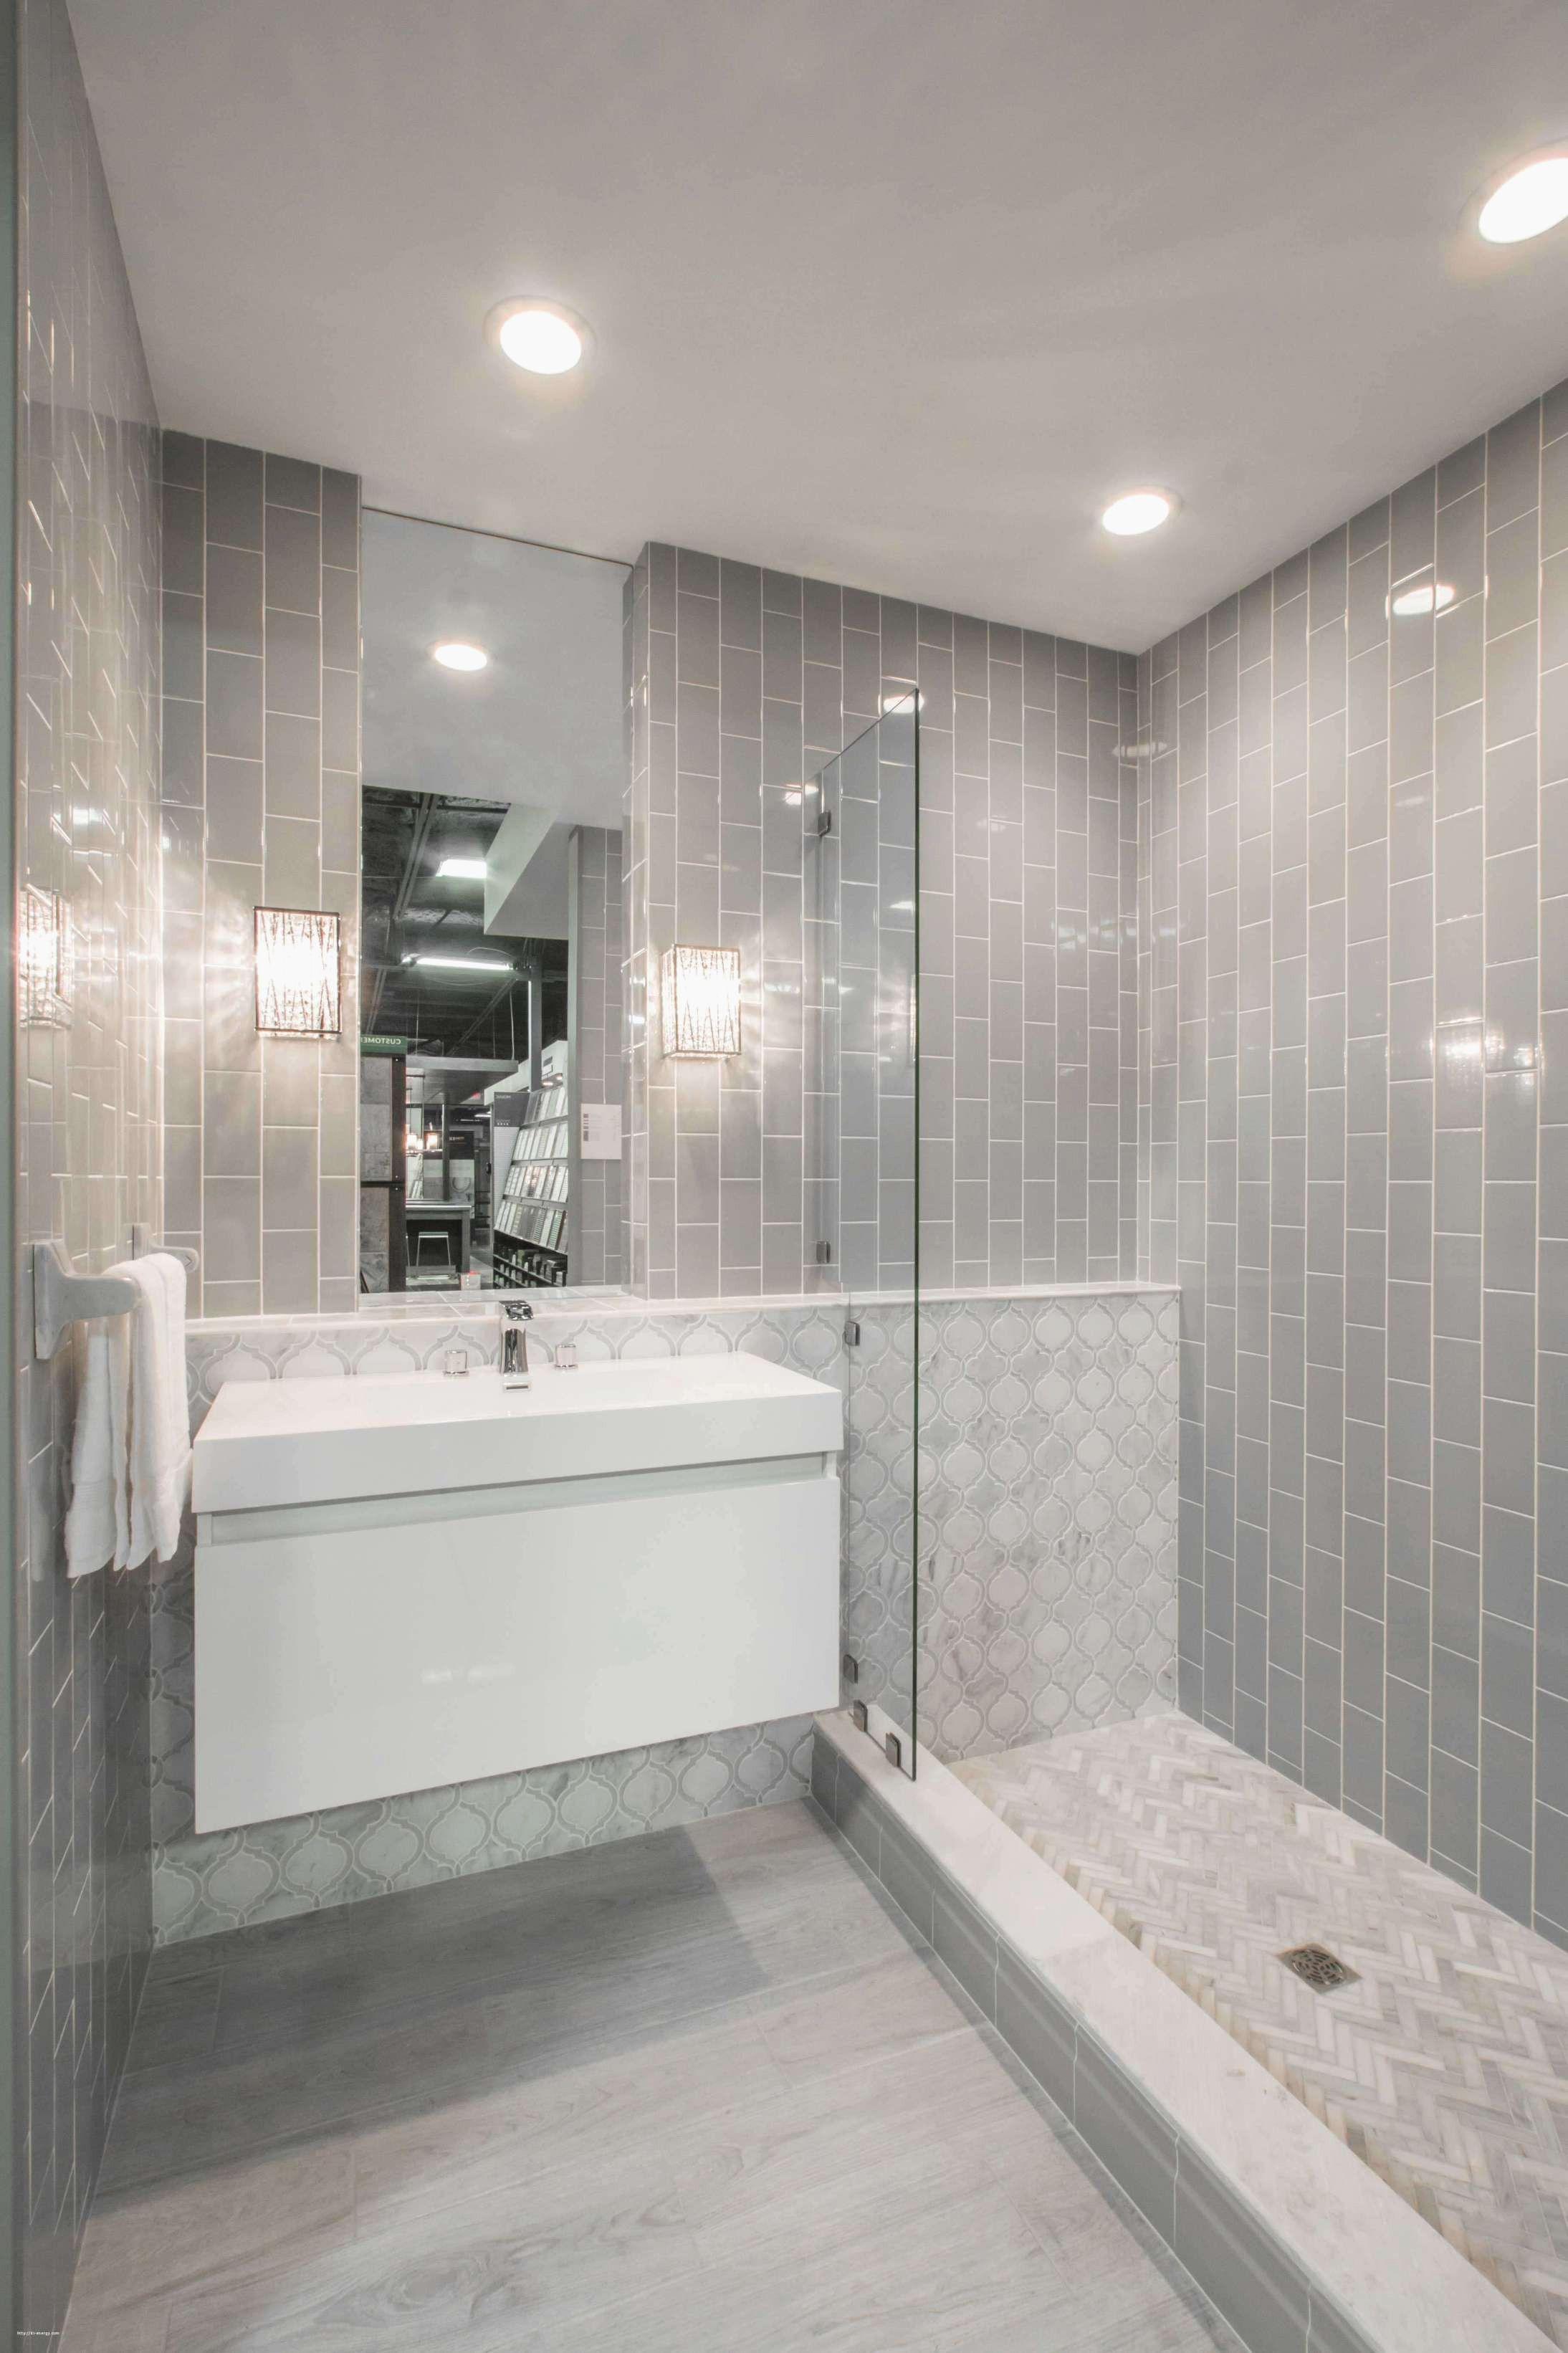 Ideas For Storage In Small Bathroom Modern Bathroom Remodel Modern Bathroom Modern Bathroom Design